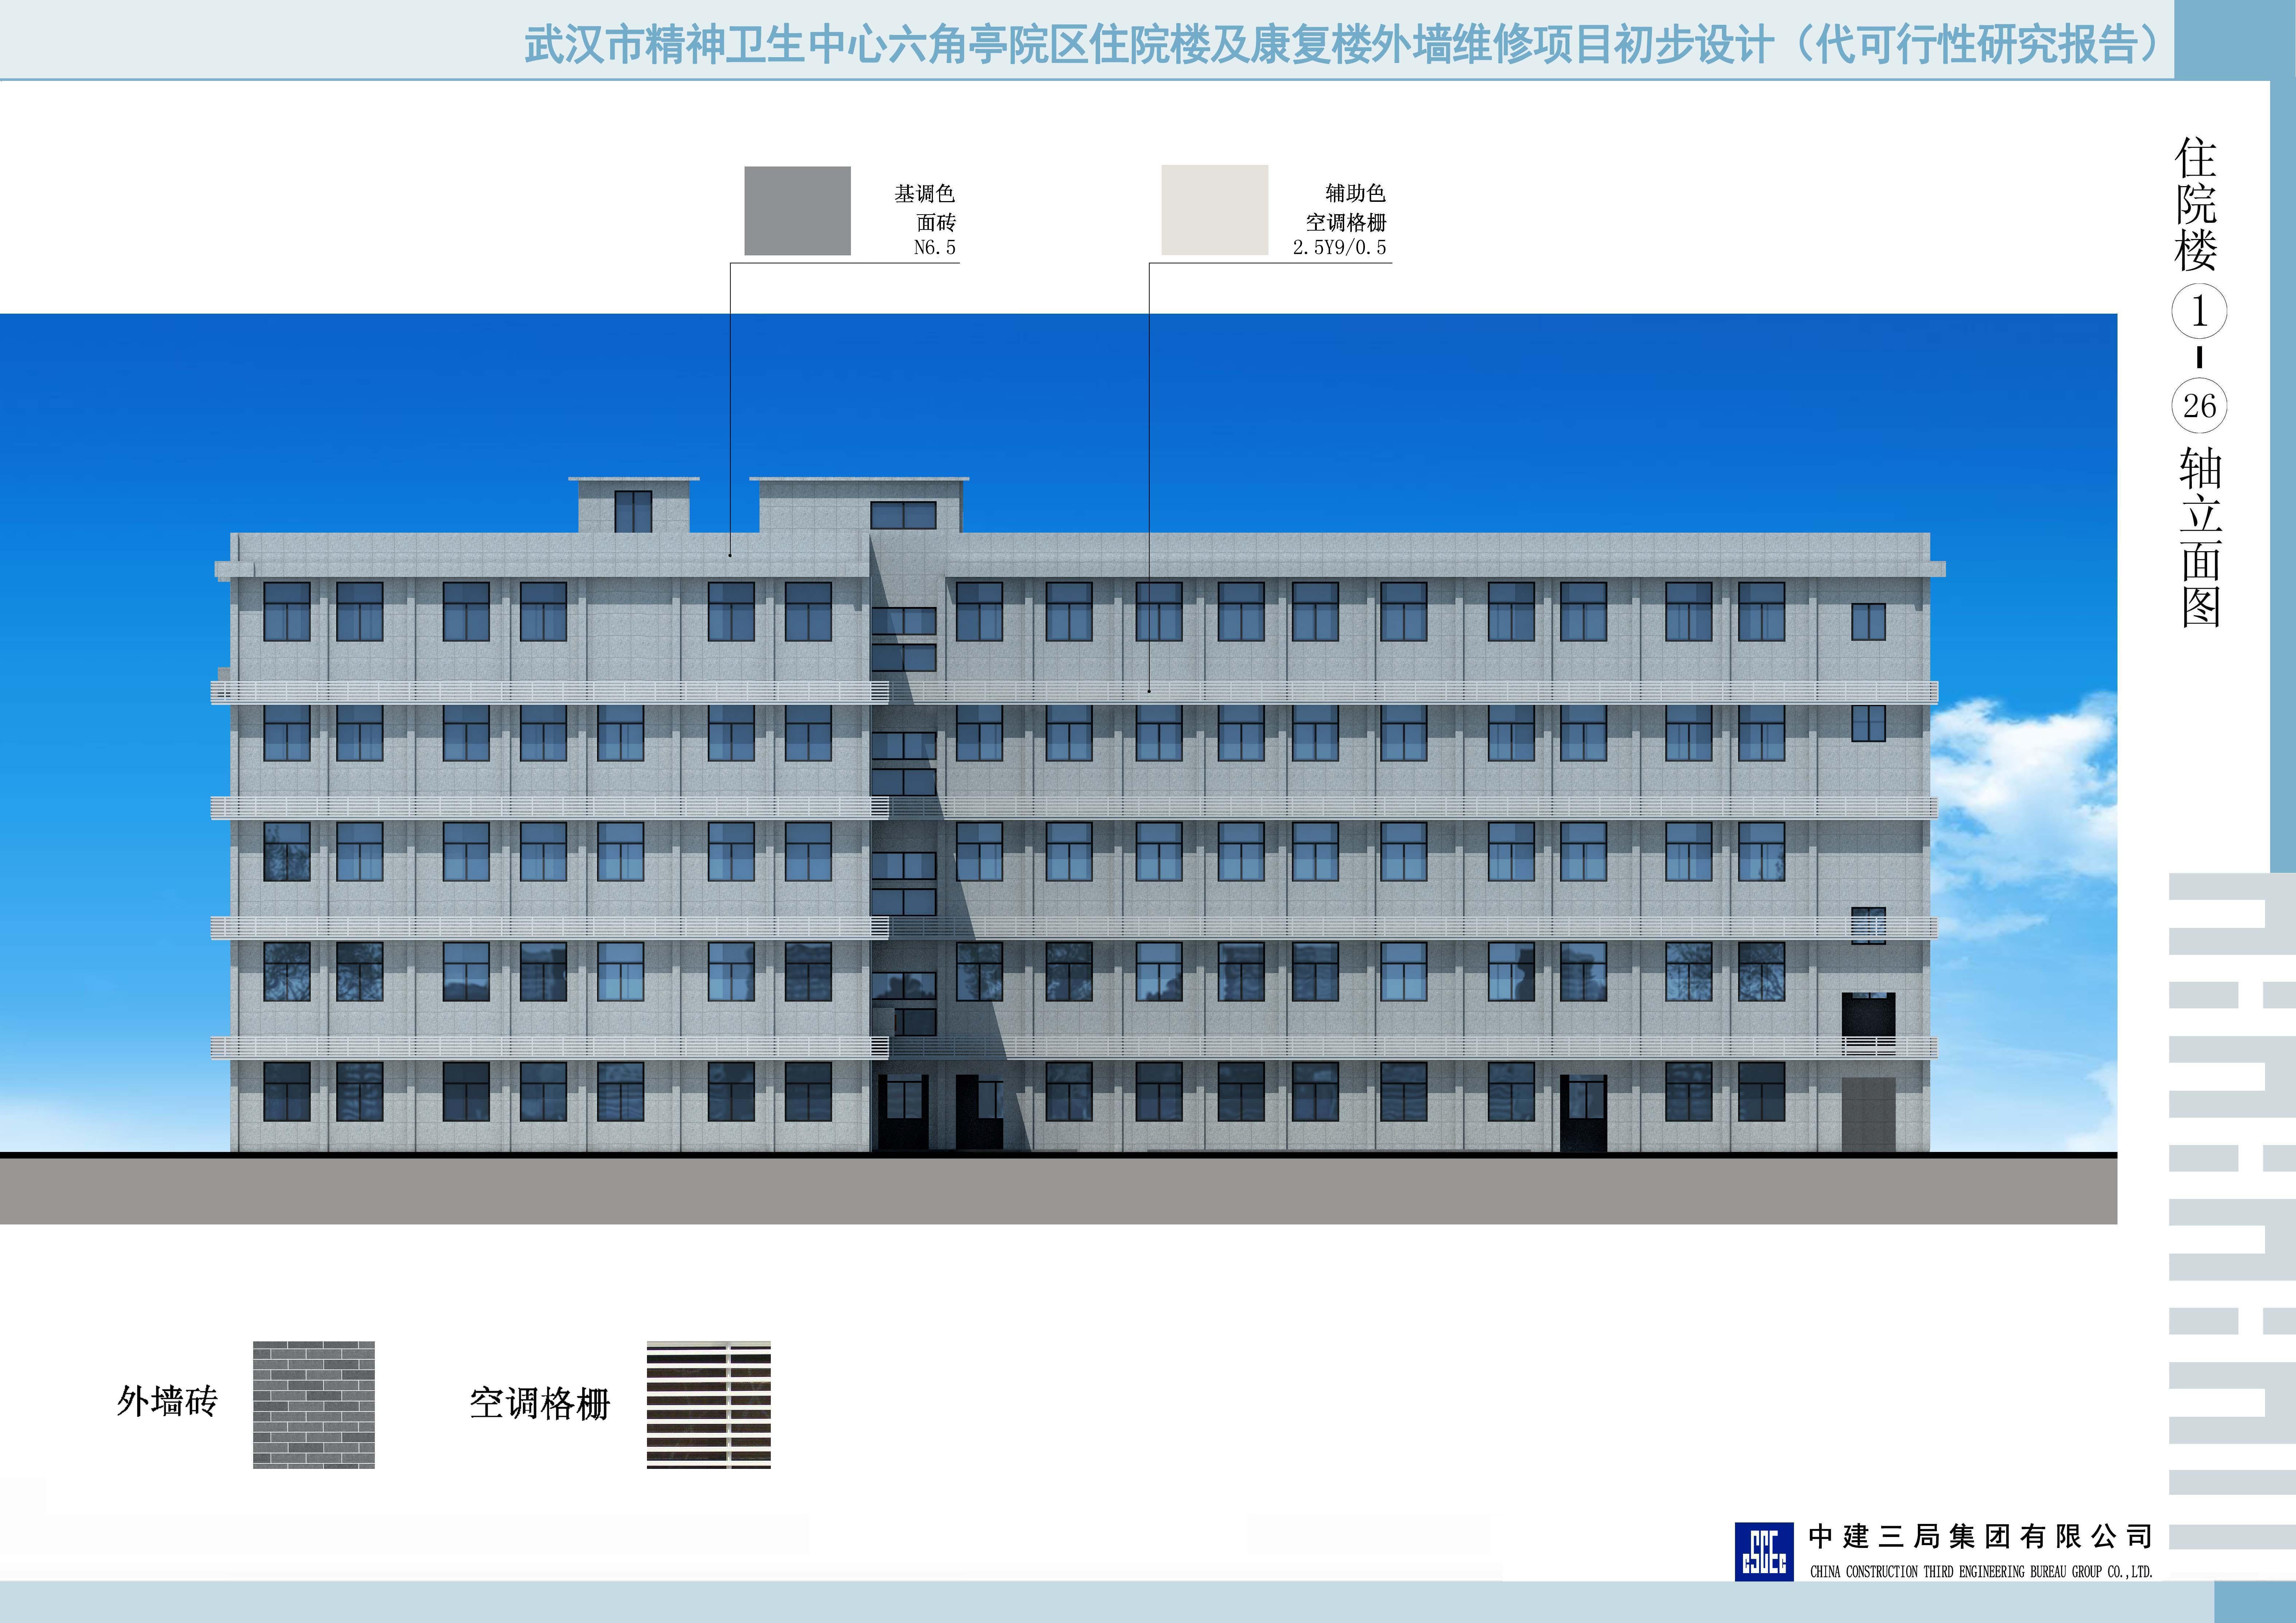 武汉市第六医院邮编_武汉市精神卫生中心六角亭院区住院楼及康复楼立面整治项目公示